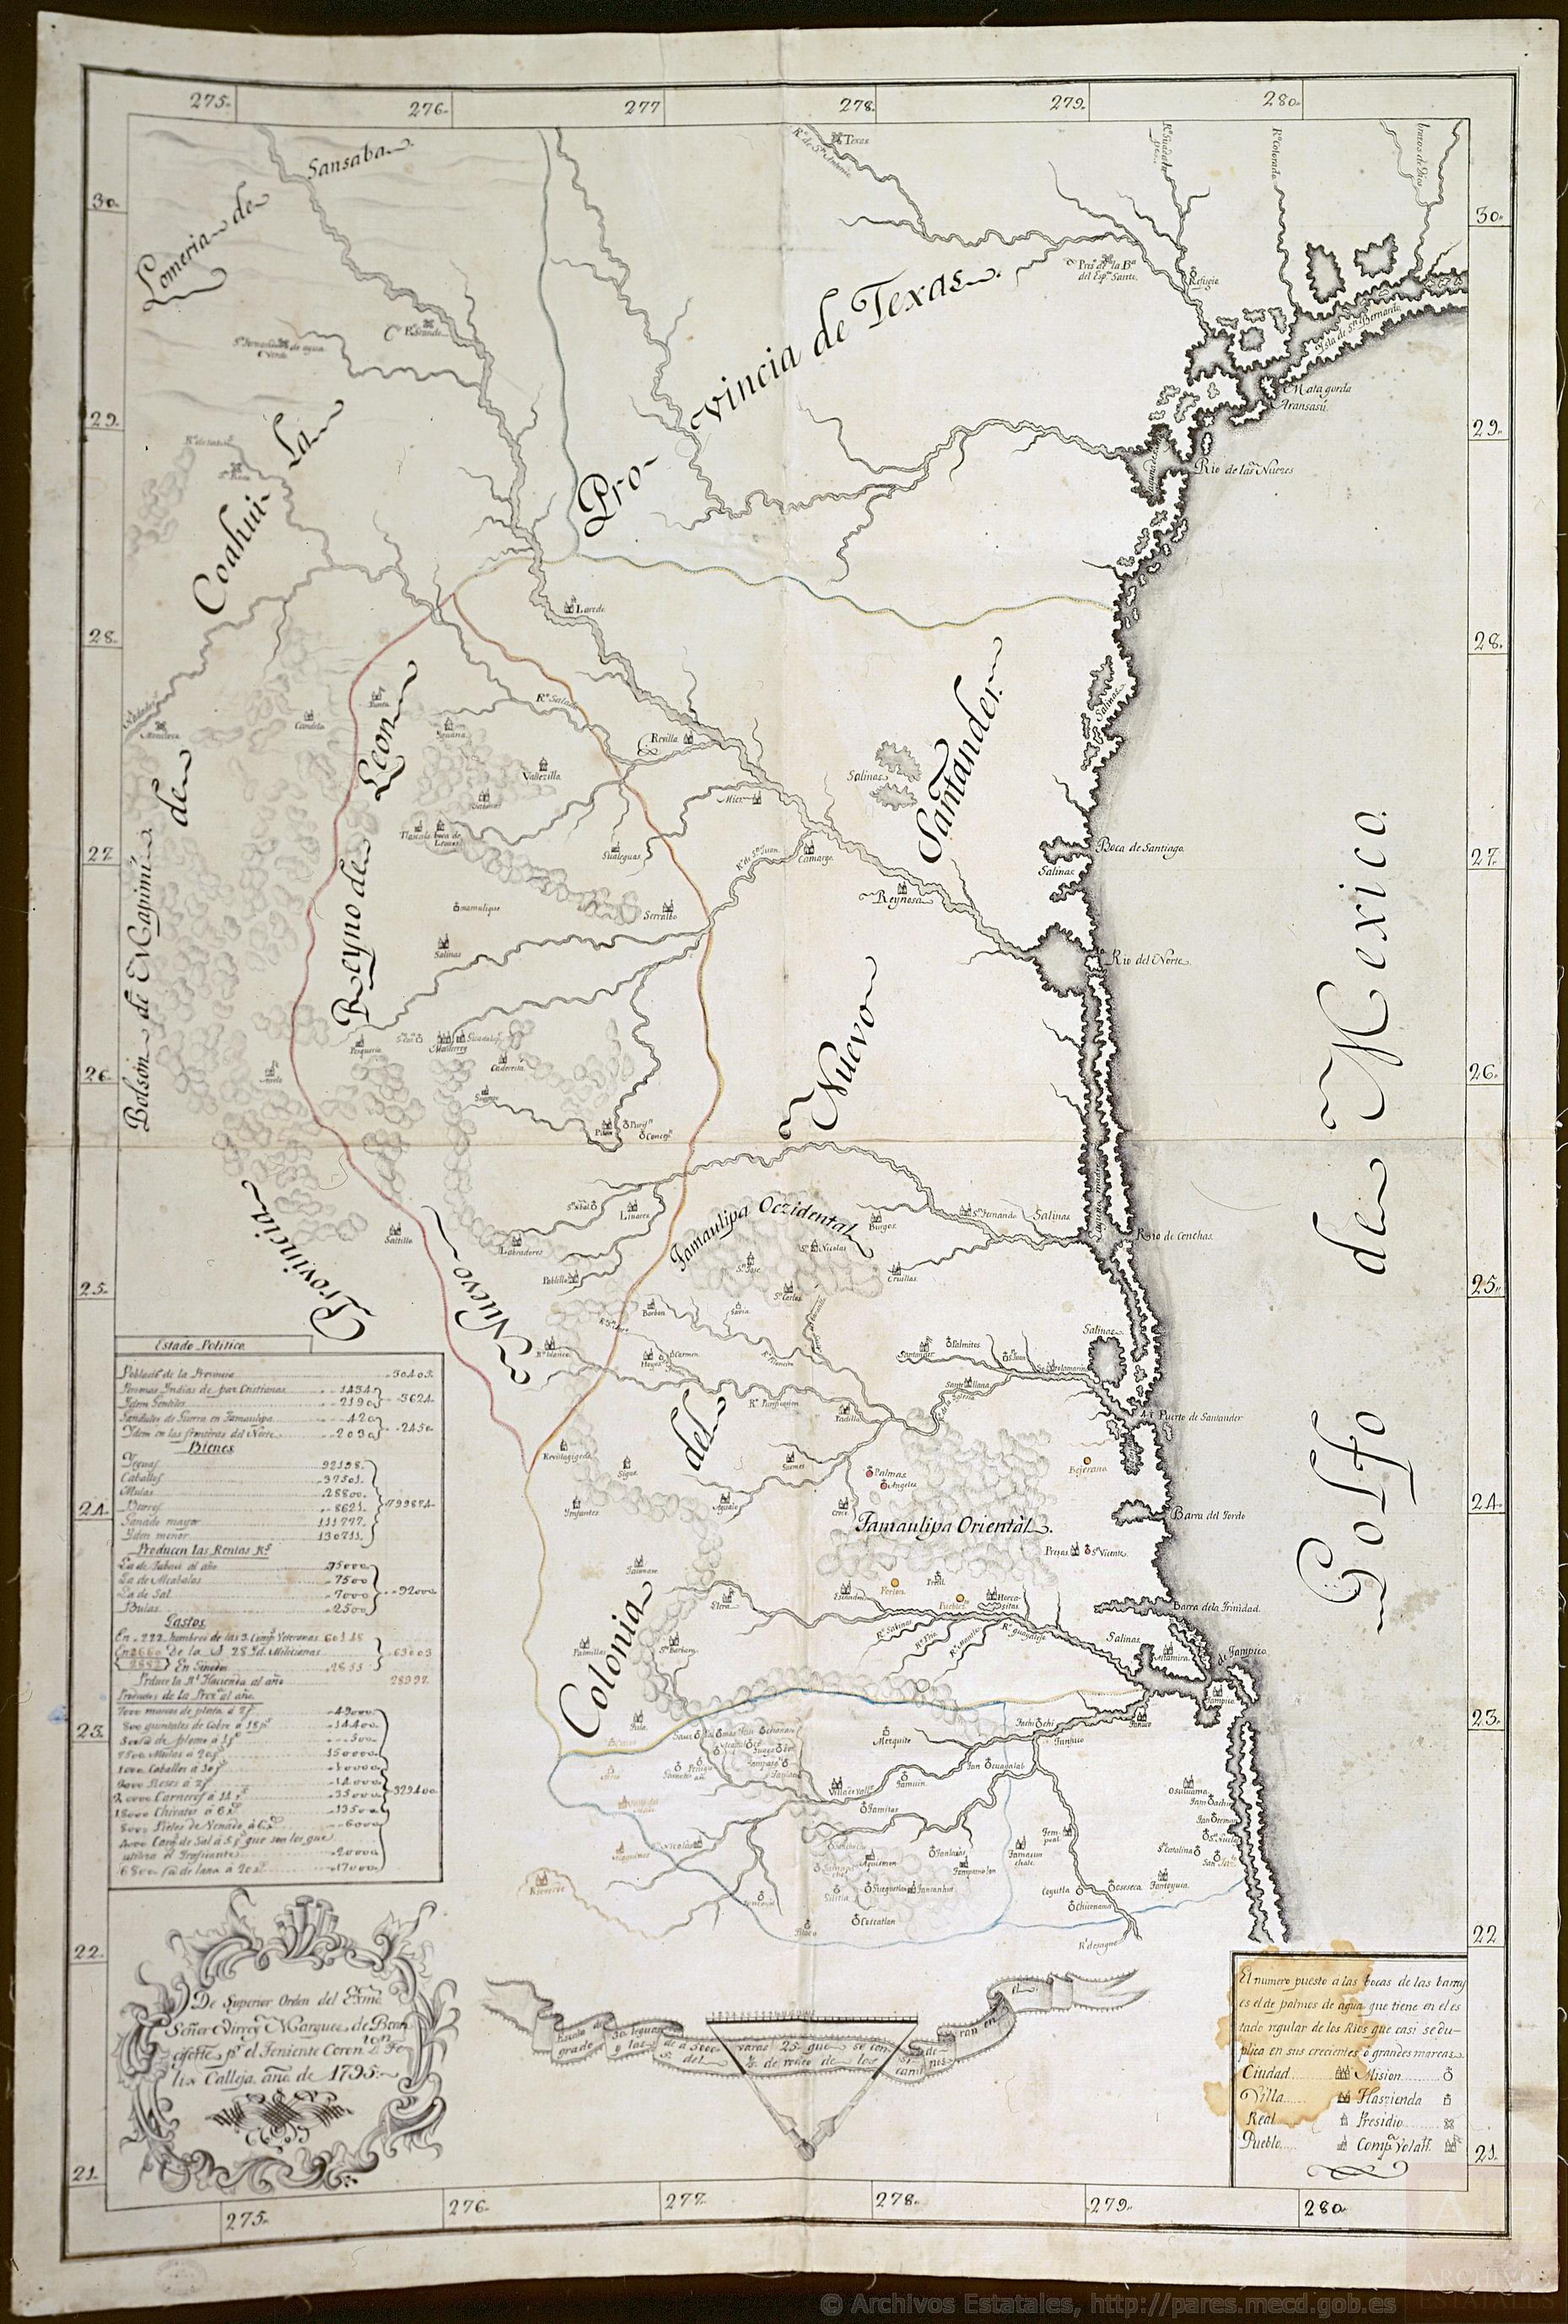 mapa Nuevon Leon, Nuevo Santander, y costa de seno